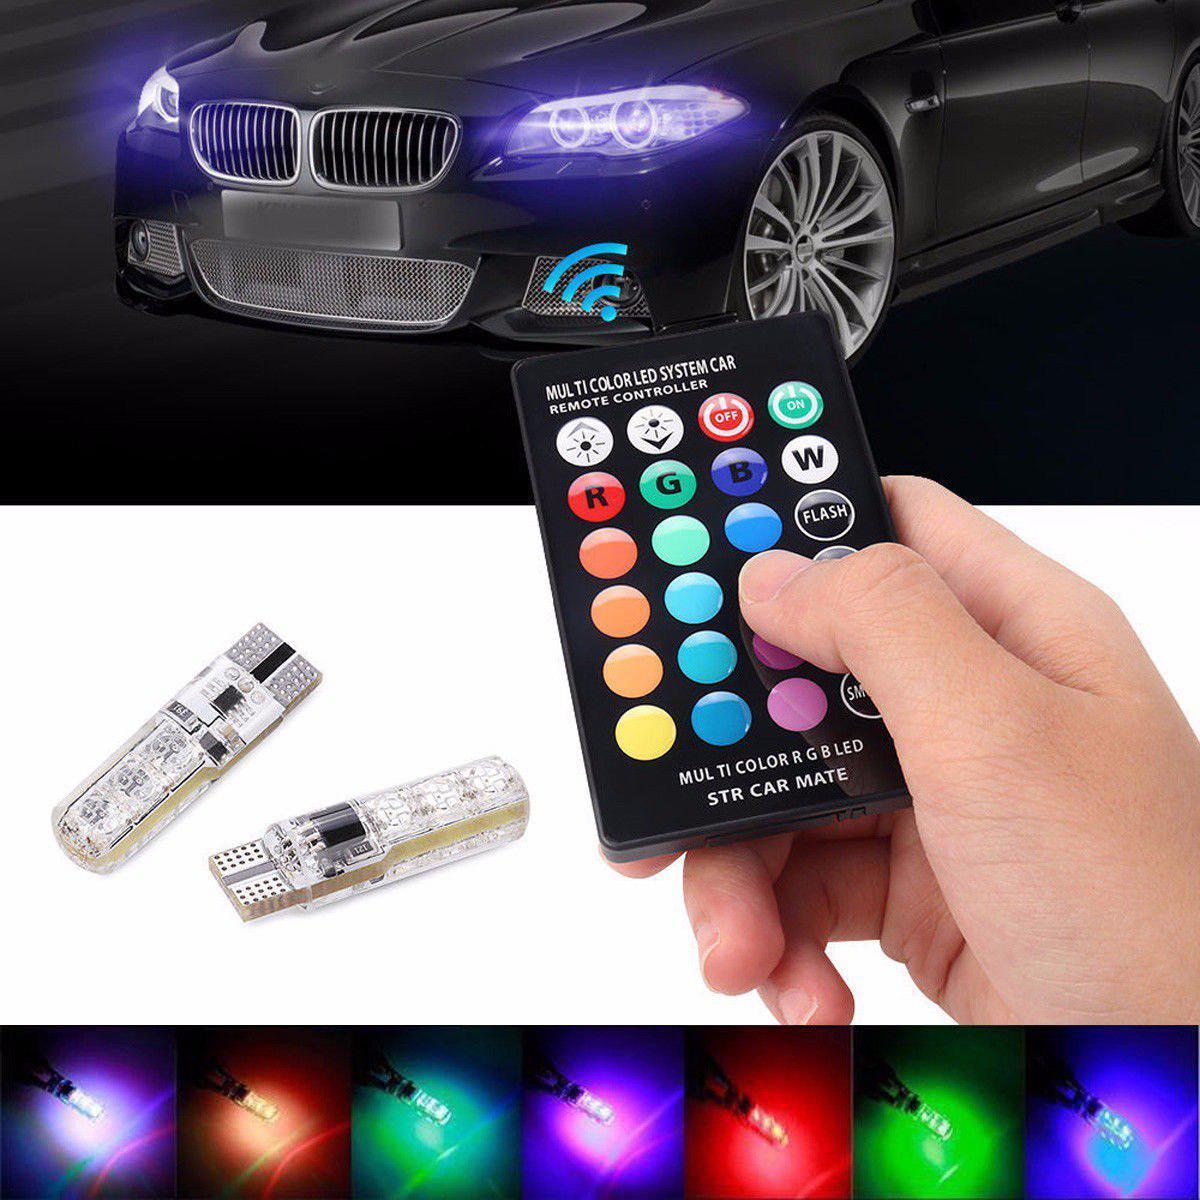 لامپ تغییر رنگ خودرو مدل مالتی کالر Multi Color